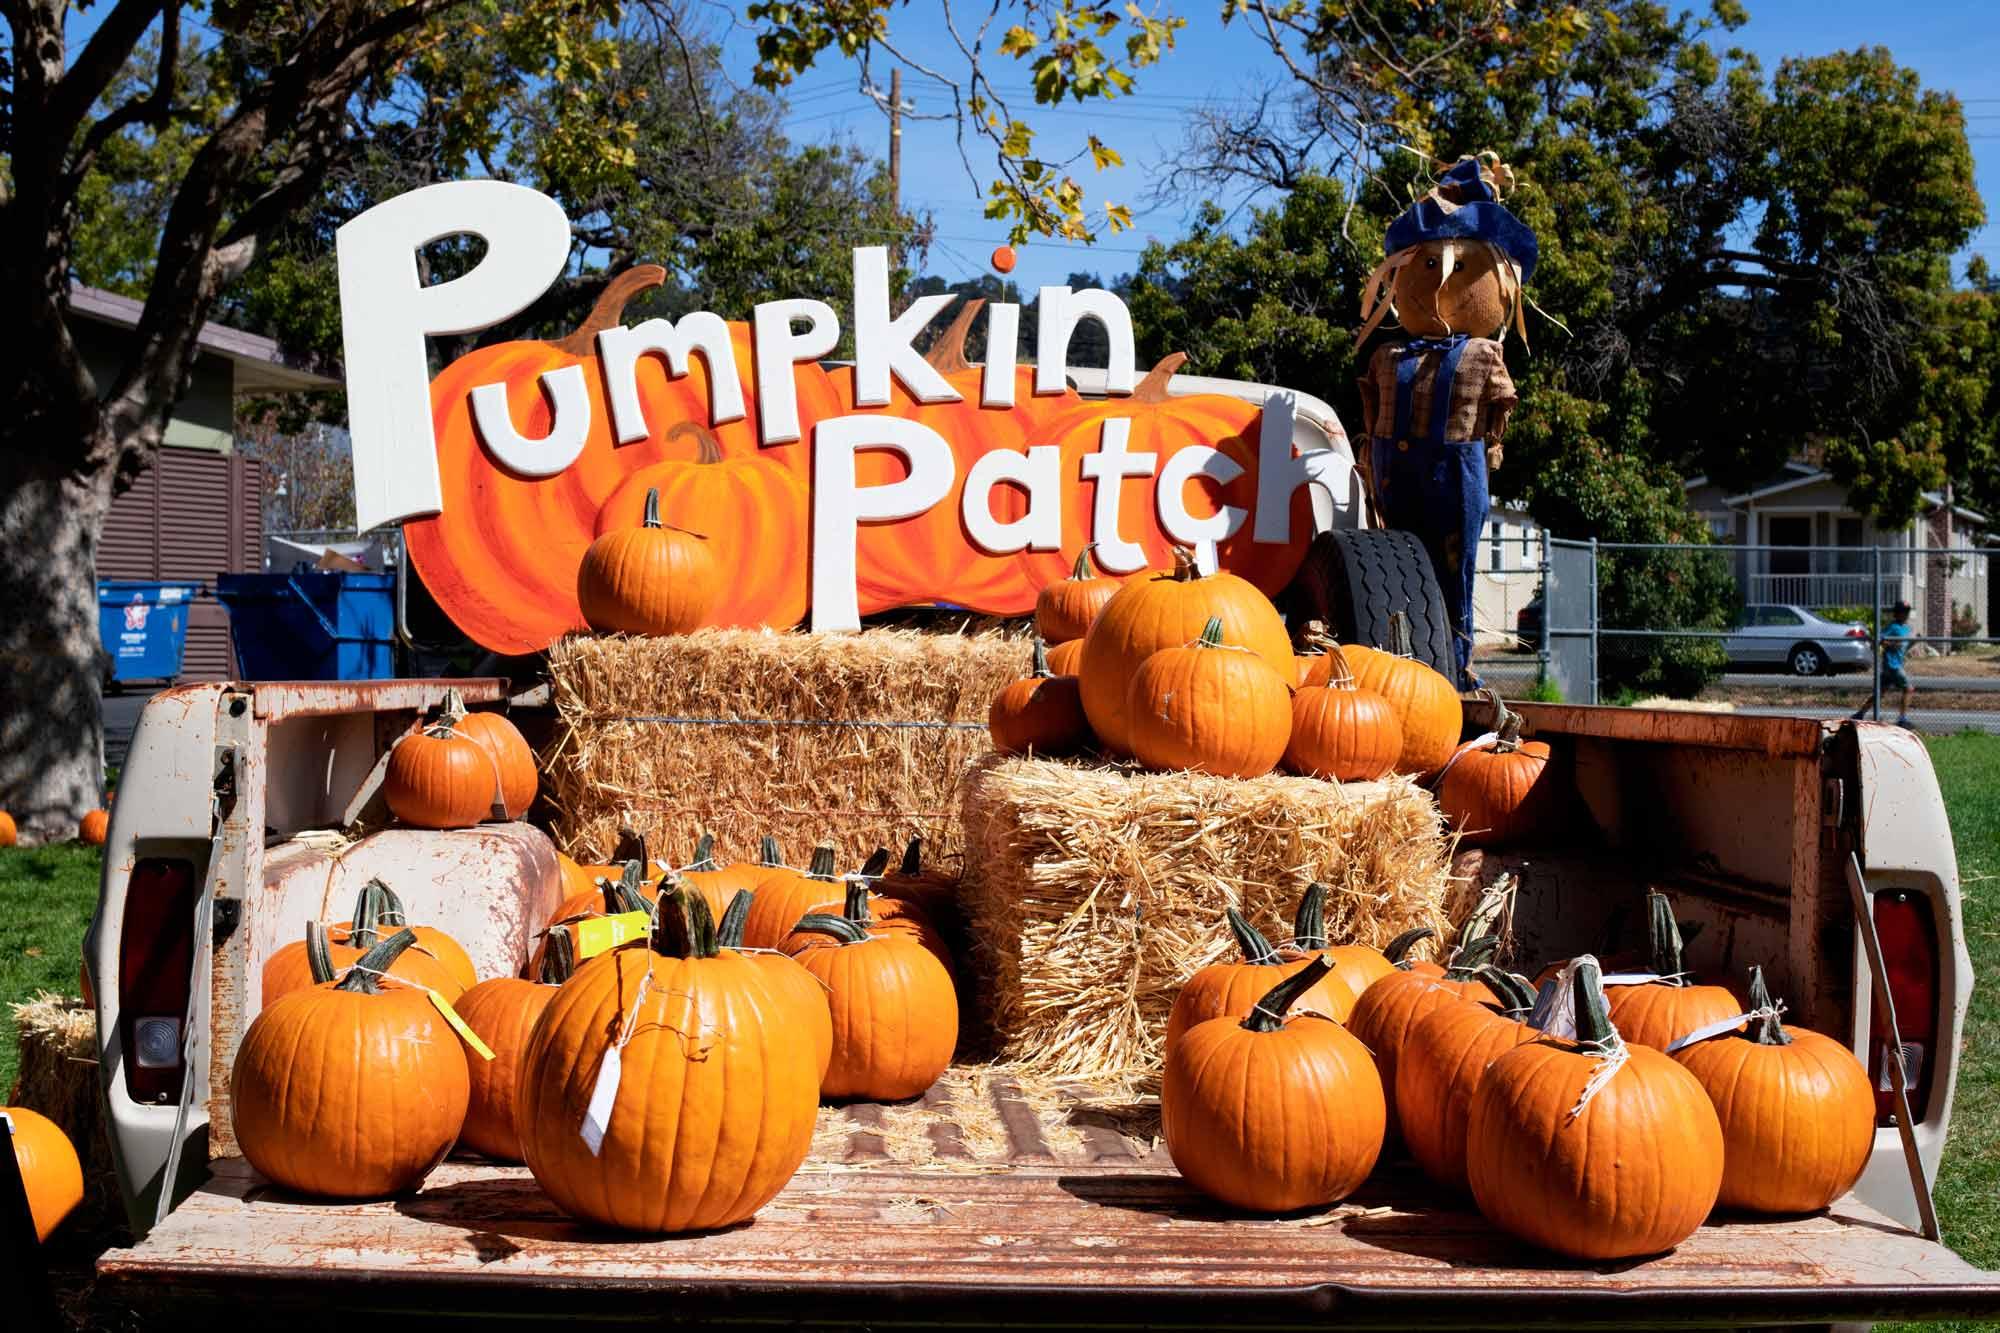 Pumpkin-Patch-2000x1333